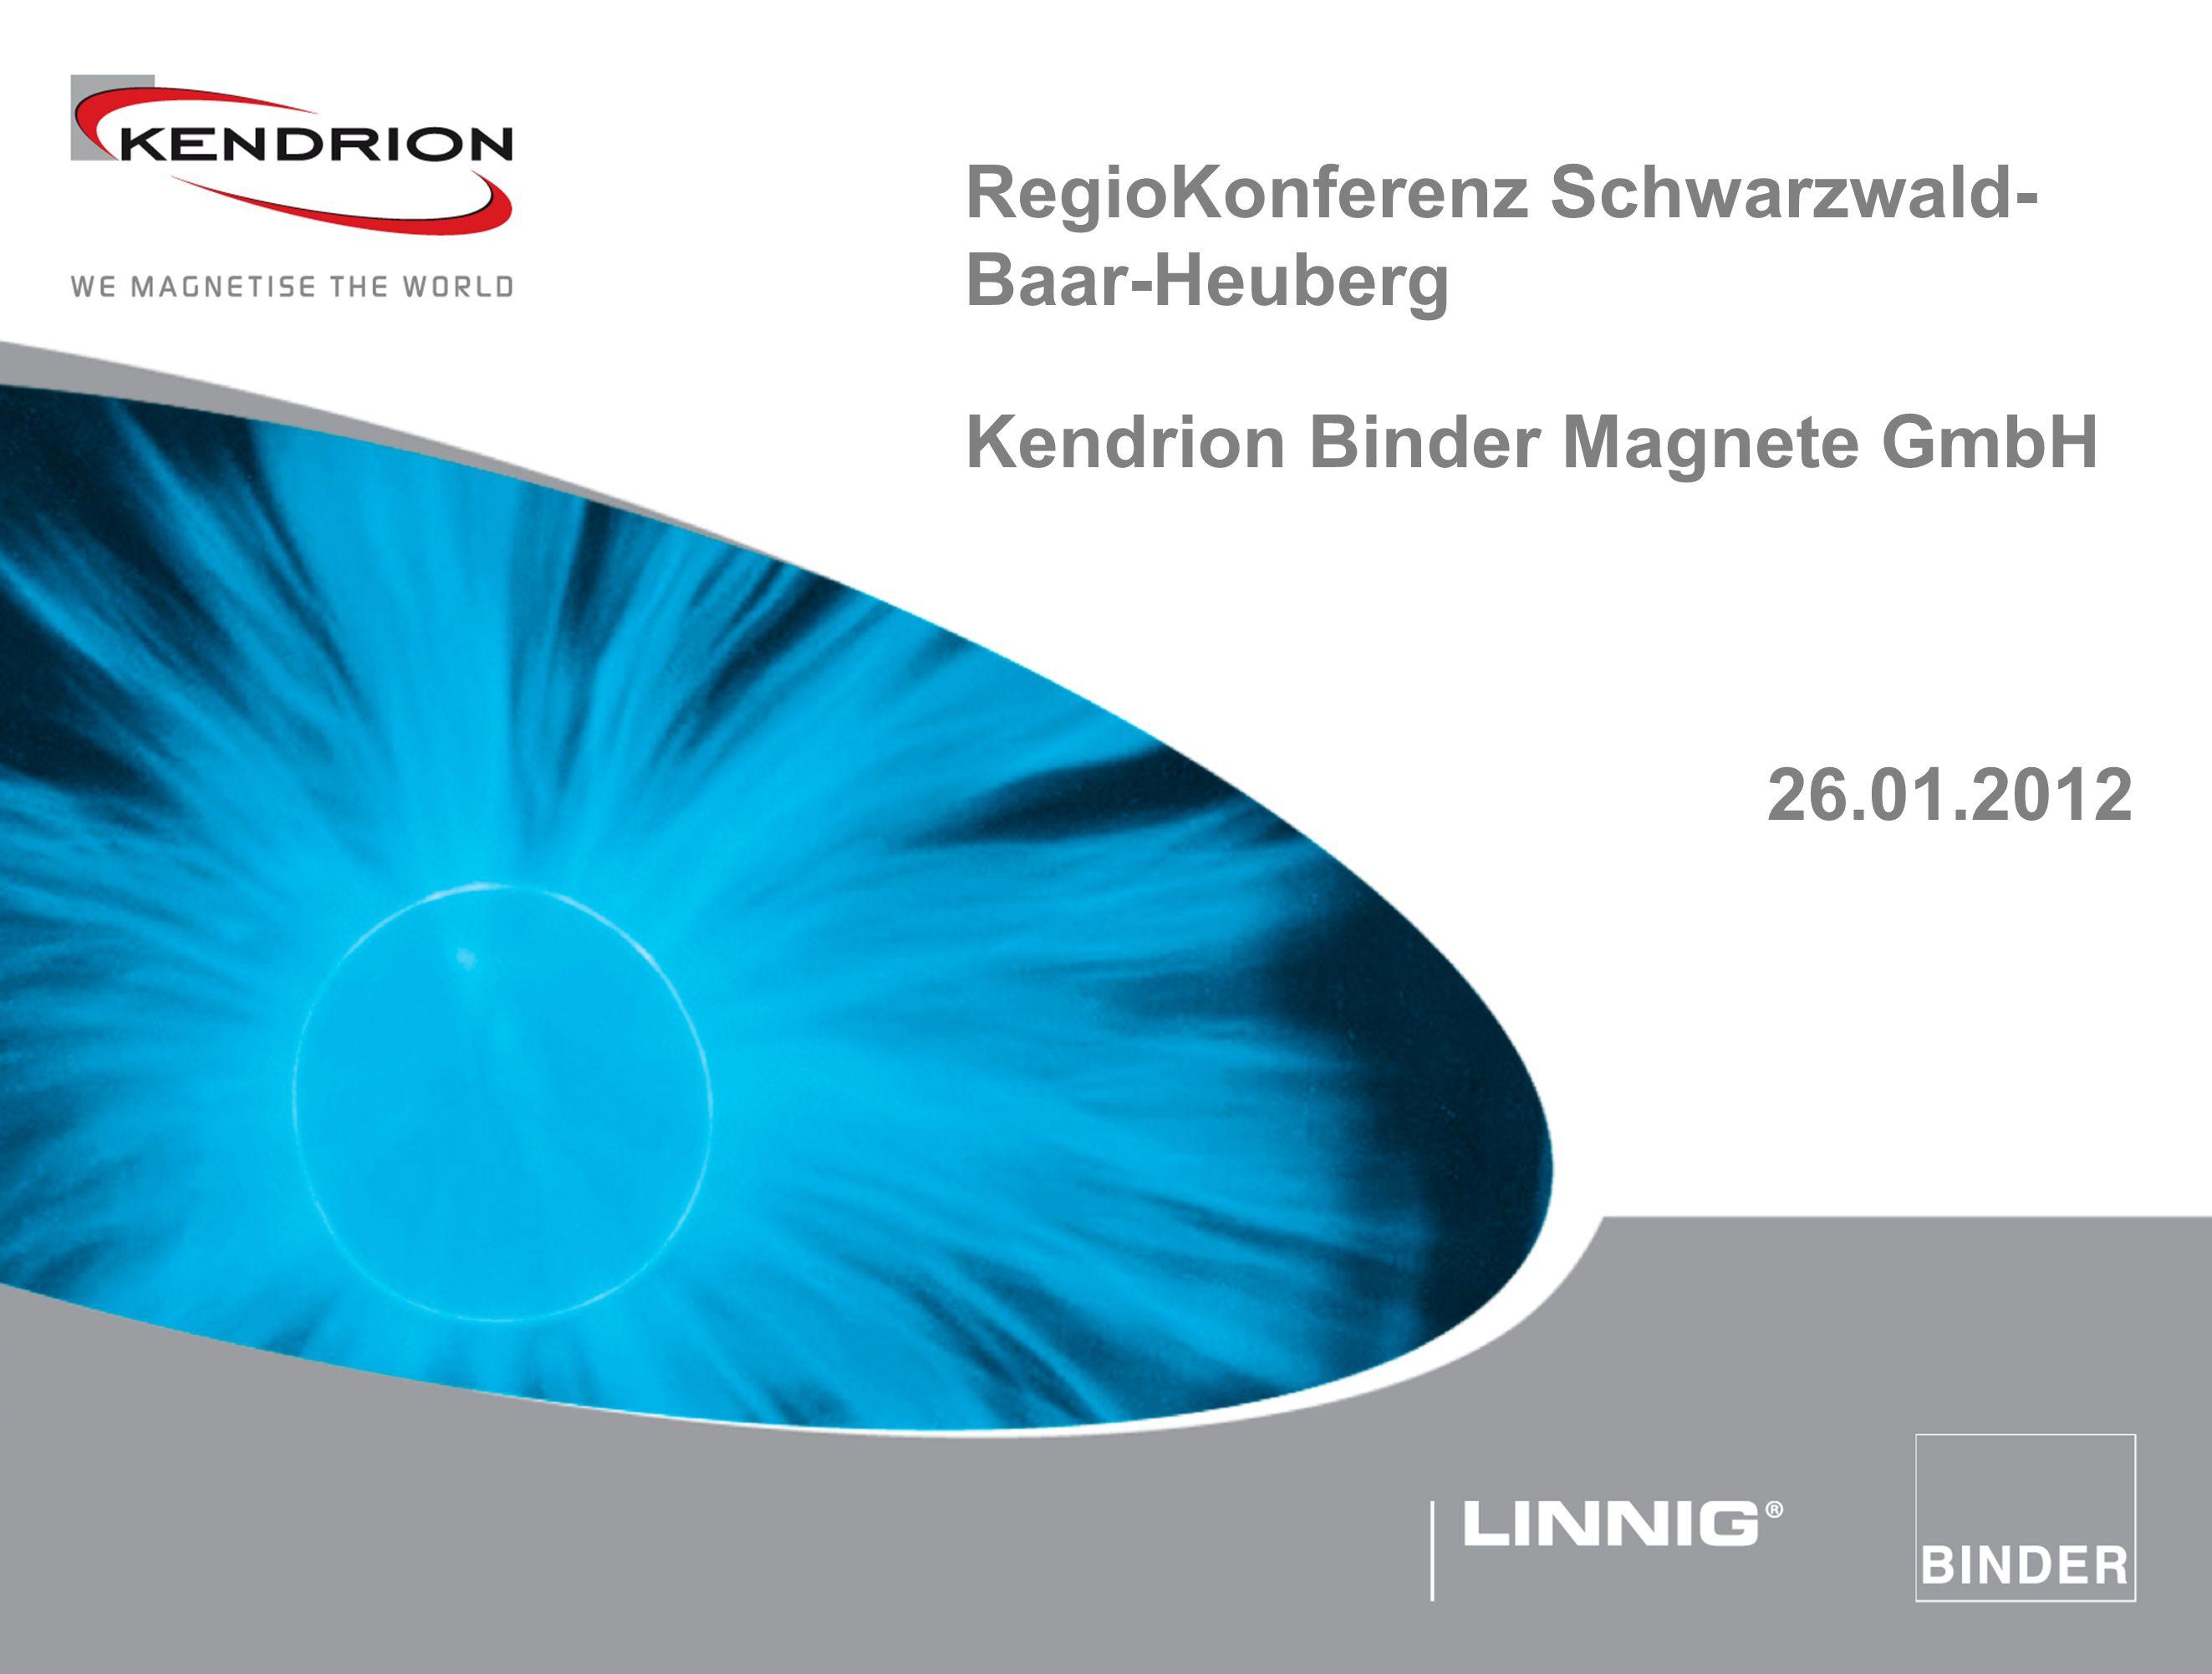 Technische Daten Kendrion Electromagnetic Präsentation … RegioKonferenz Schwarzwald- Baar-Heuberg Kendrion Binder Magnete GmbH 26.01.2012